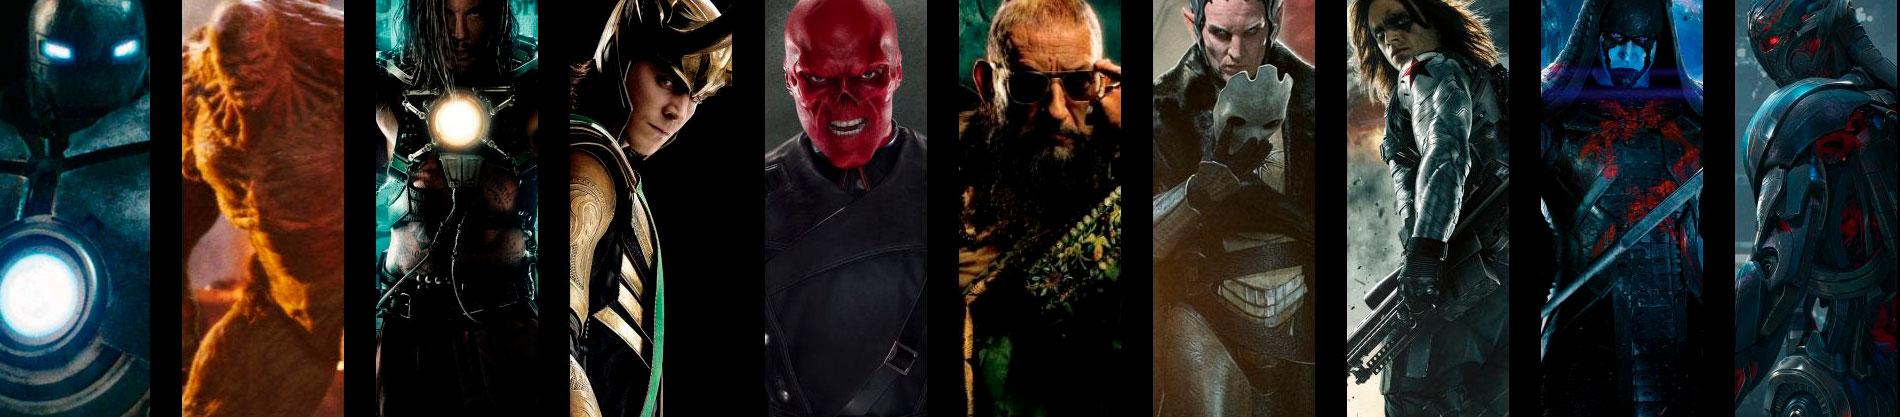 Los 10 villanos más poderosos y fuertes de Marvel